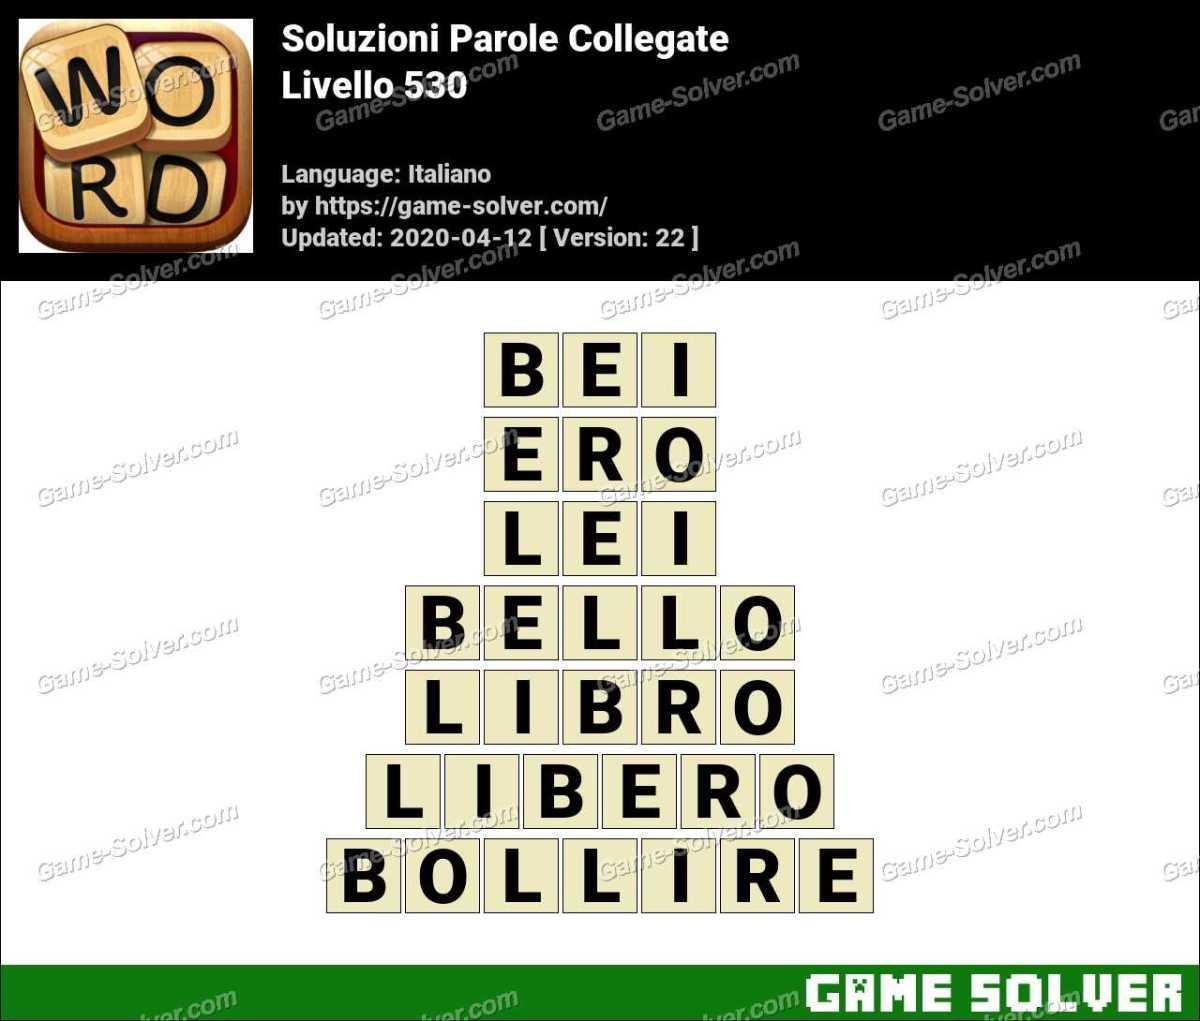 Soluzioni Parole Collegate Livello 530